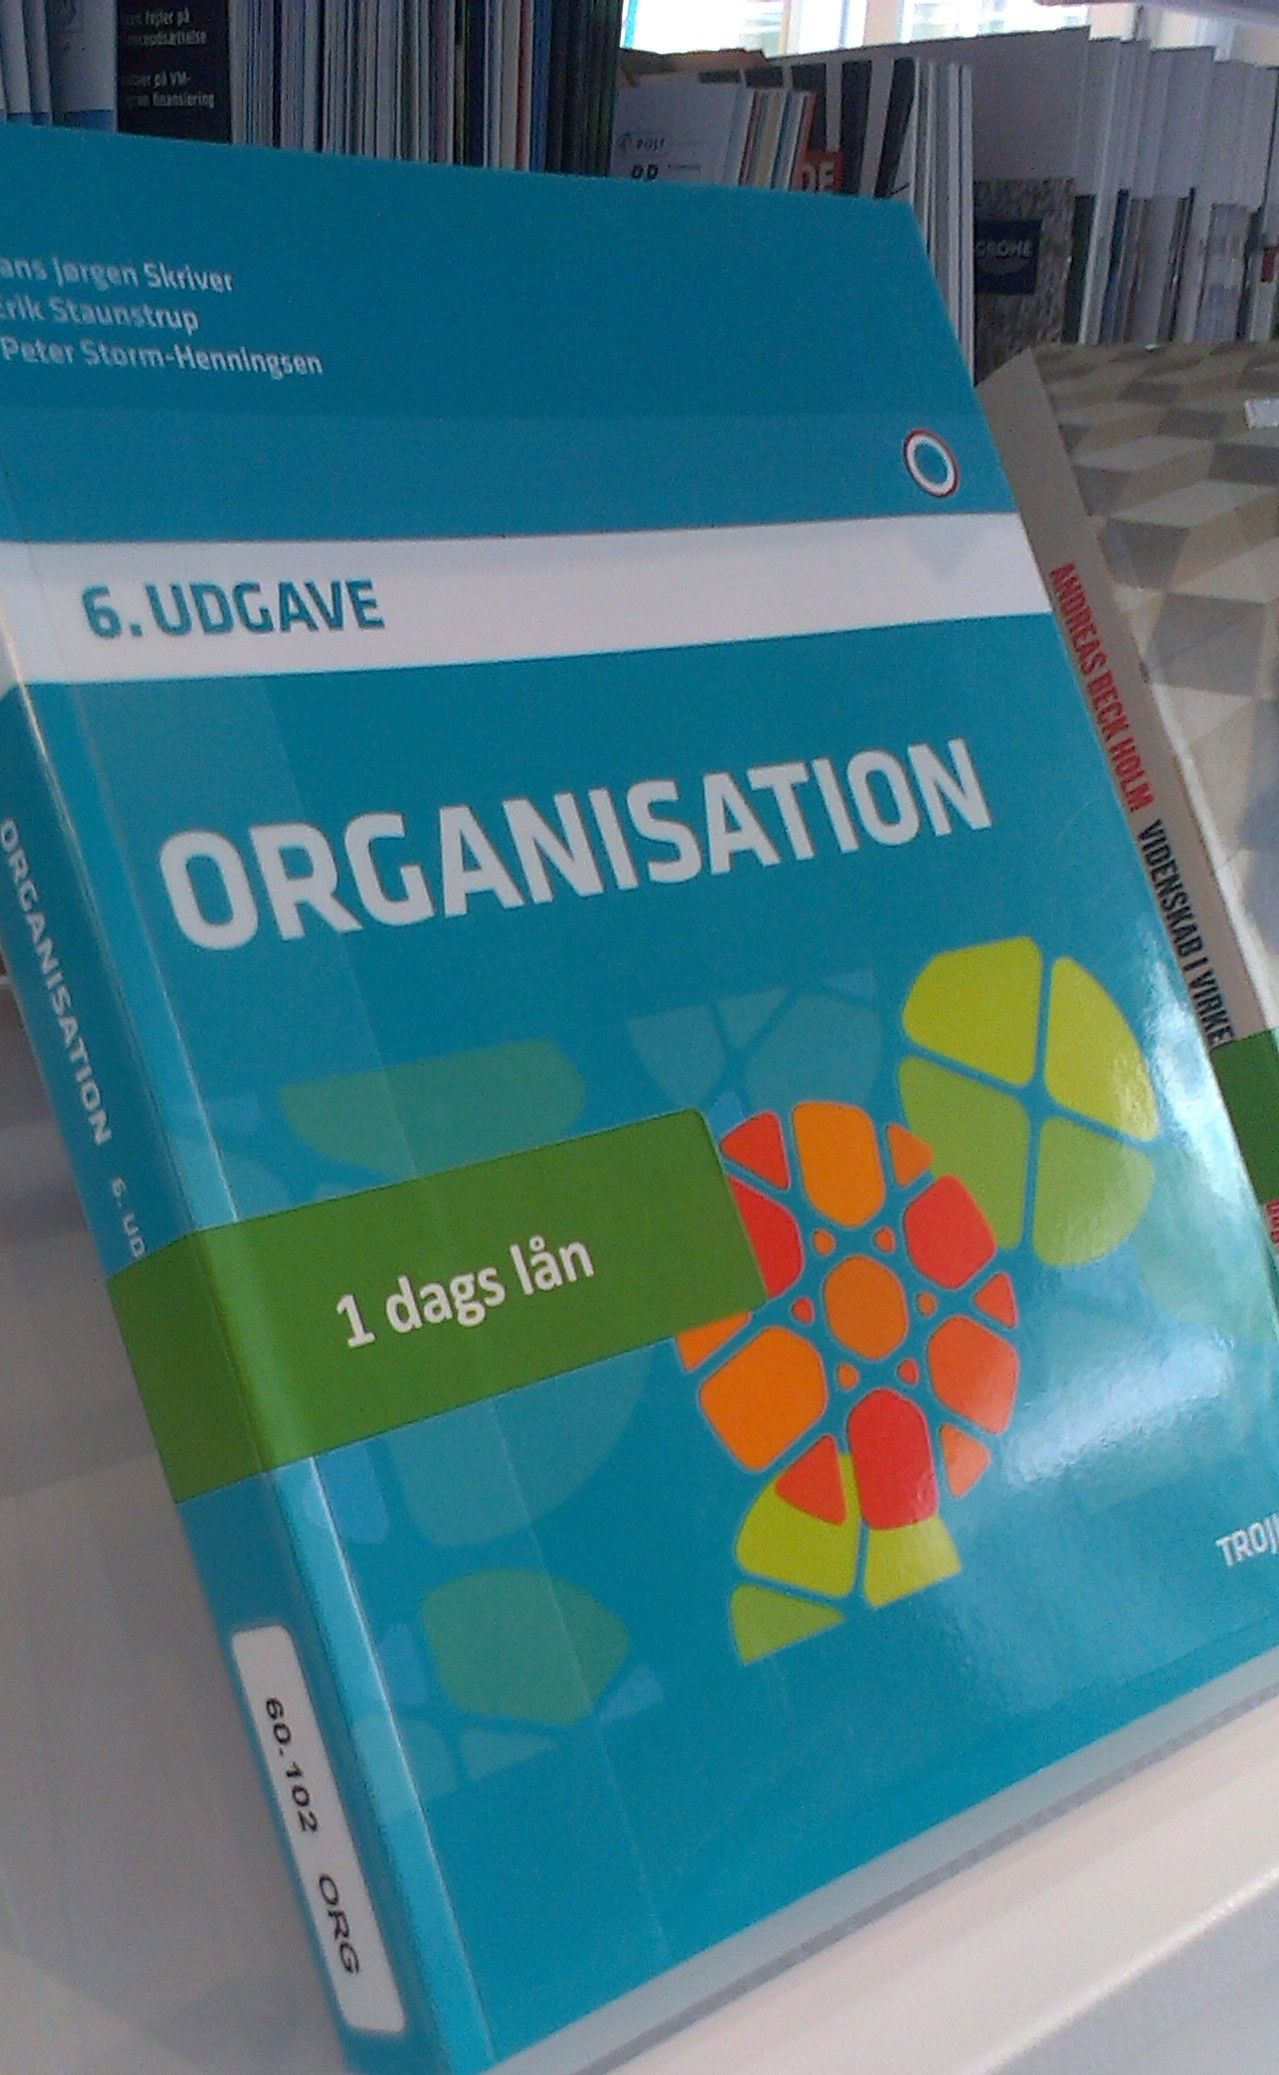 1 dags lån - Organisation